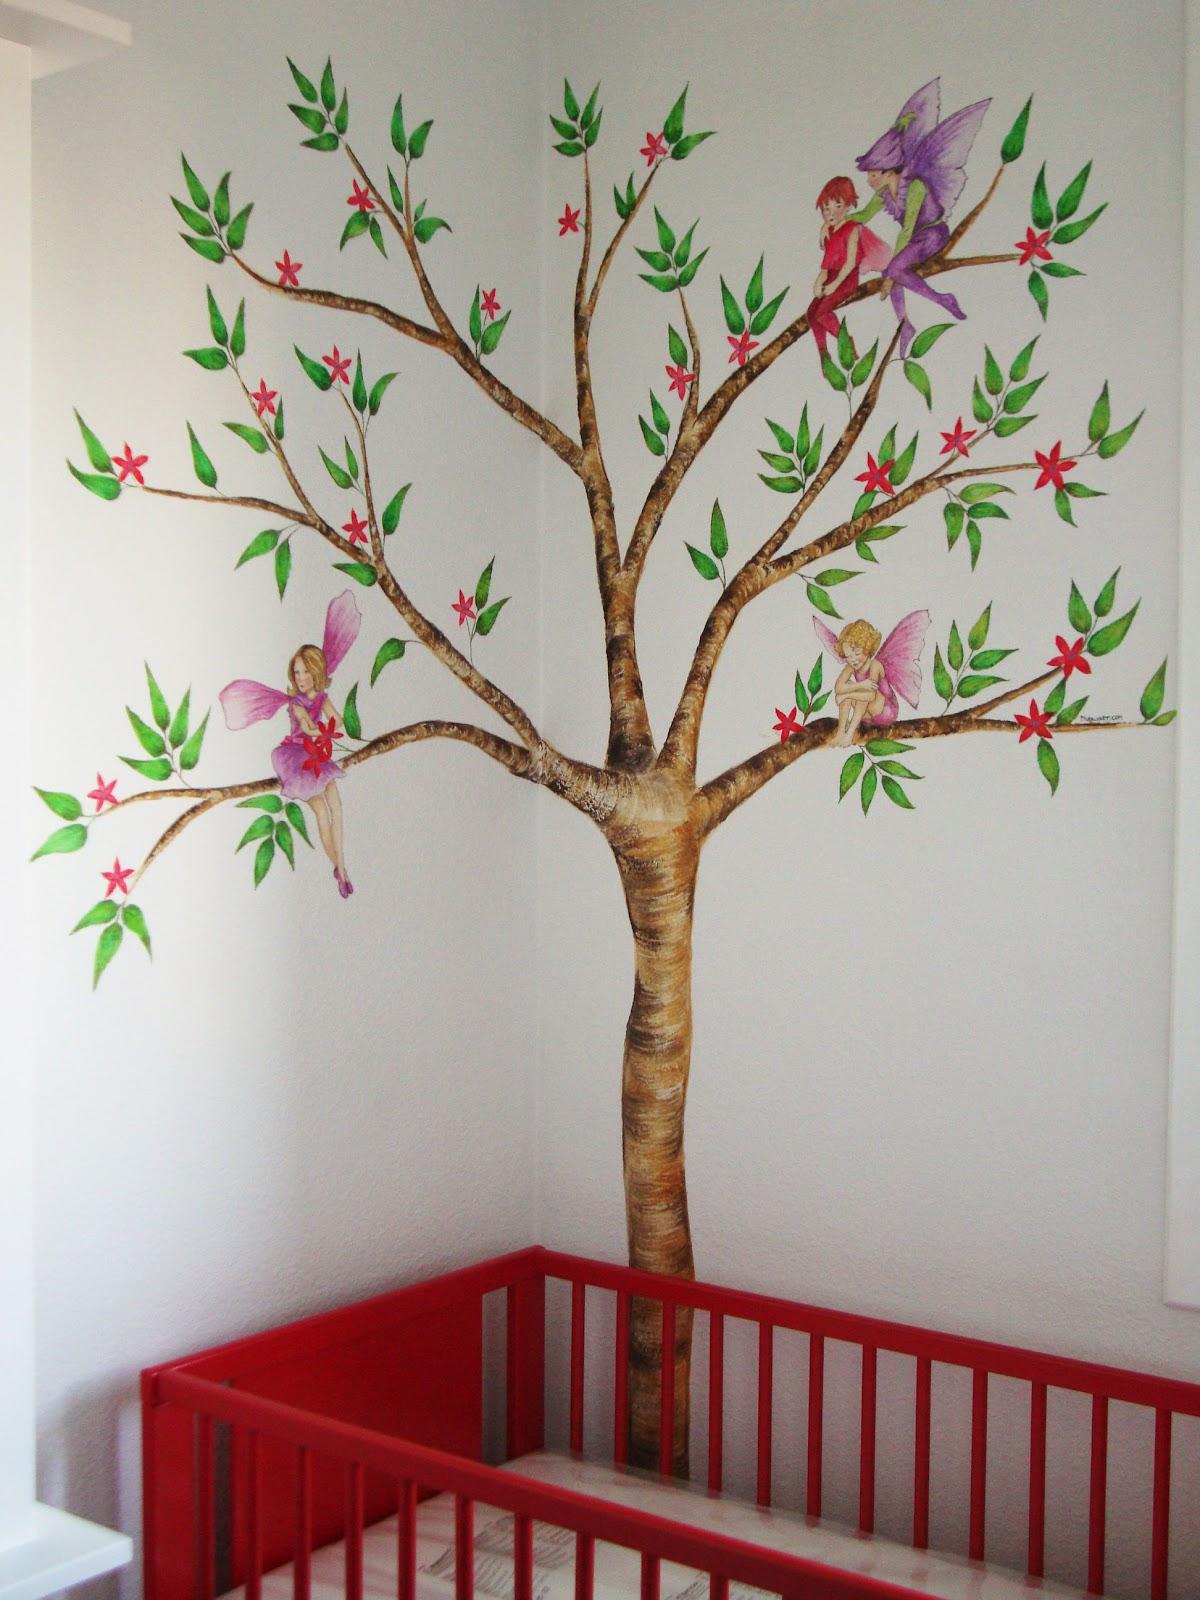 Pintura mural arte en pared y murales decorativos en for Murales decorativos para bebes